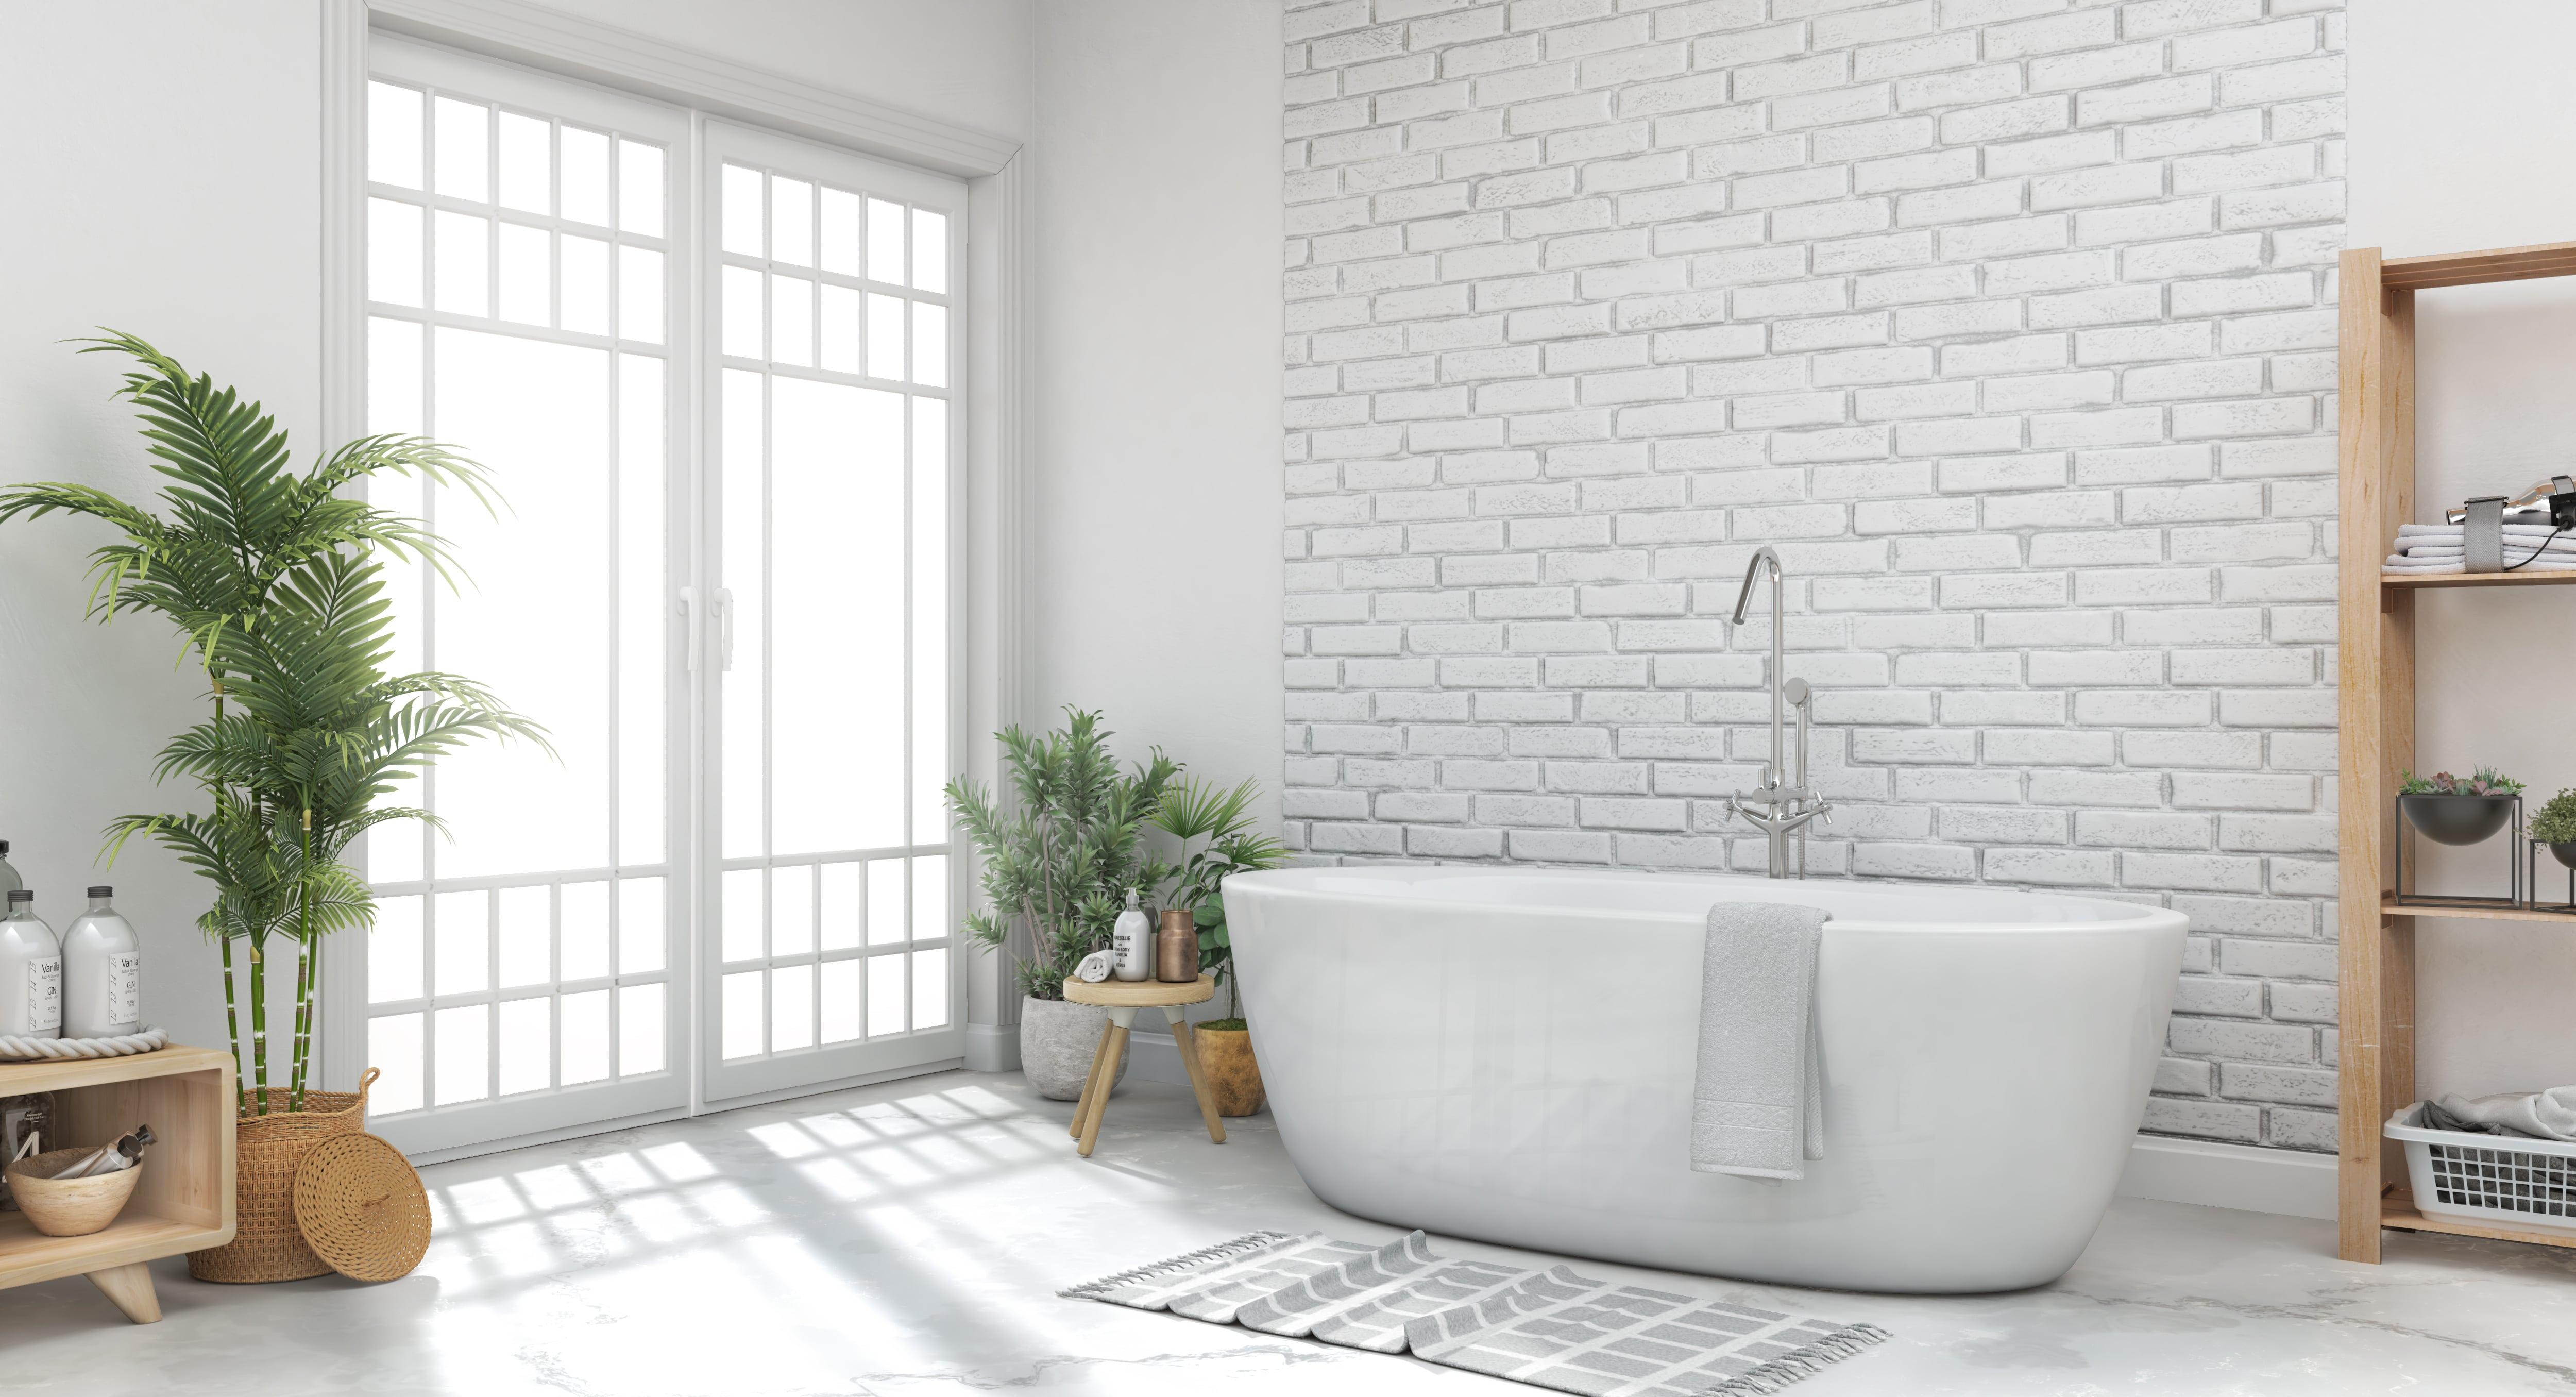 Badkamer schilderen? Welke verf gebruik ik?